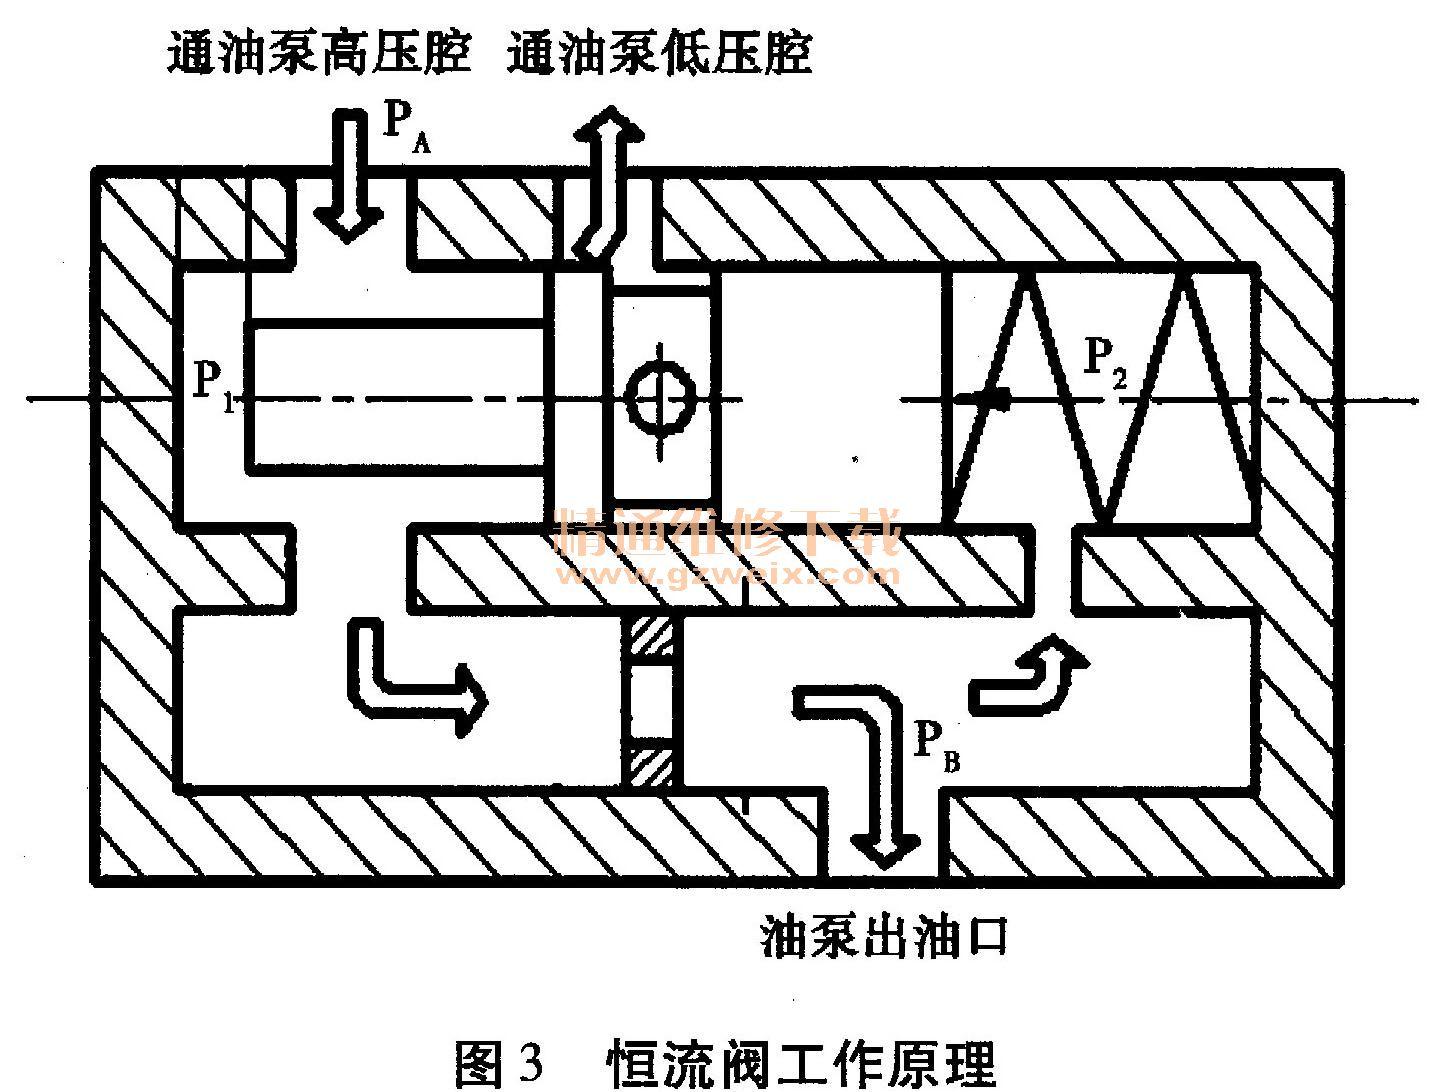 紧固螺钉拧入(或减小垫片厚度)恒流阀,弹簧的预压力就增大,恒流泵的调图片